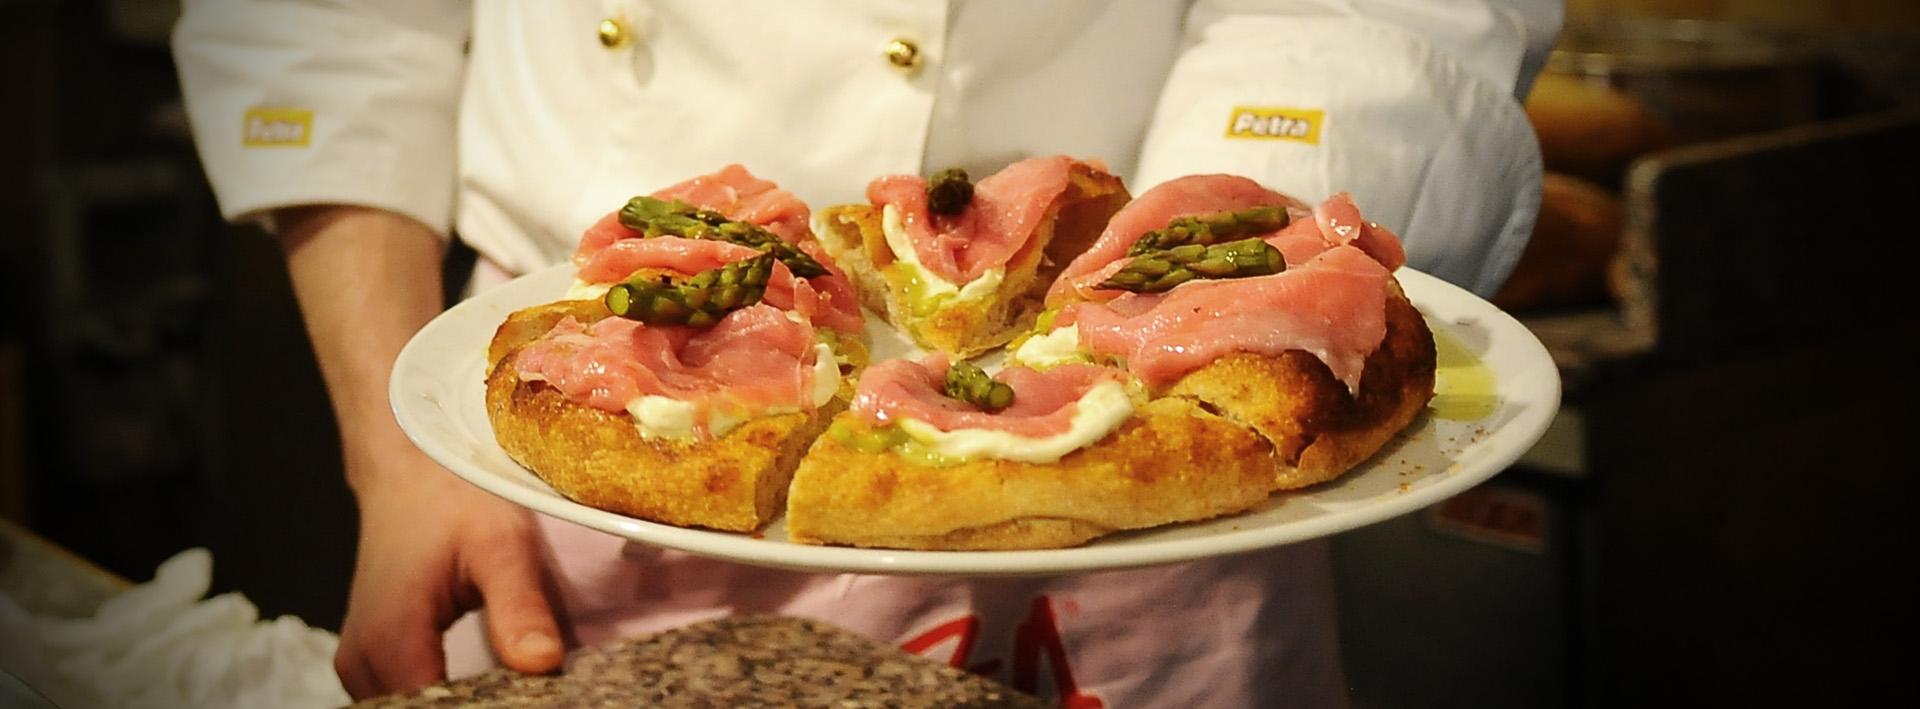 ricetta pizza petra